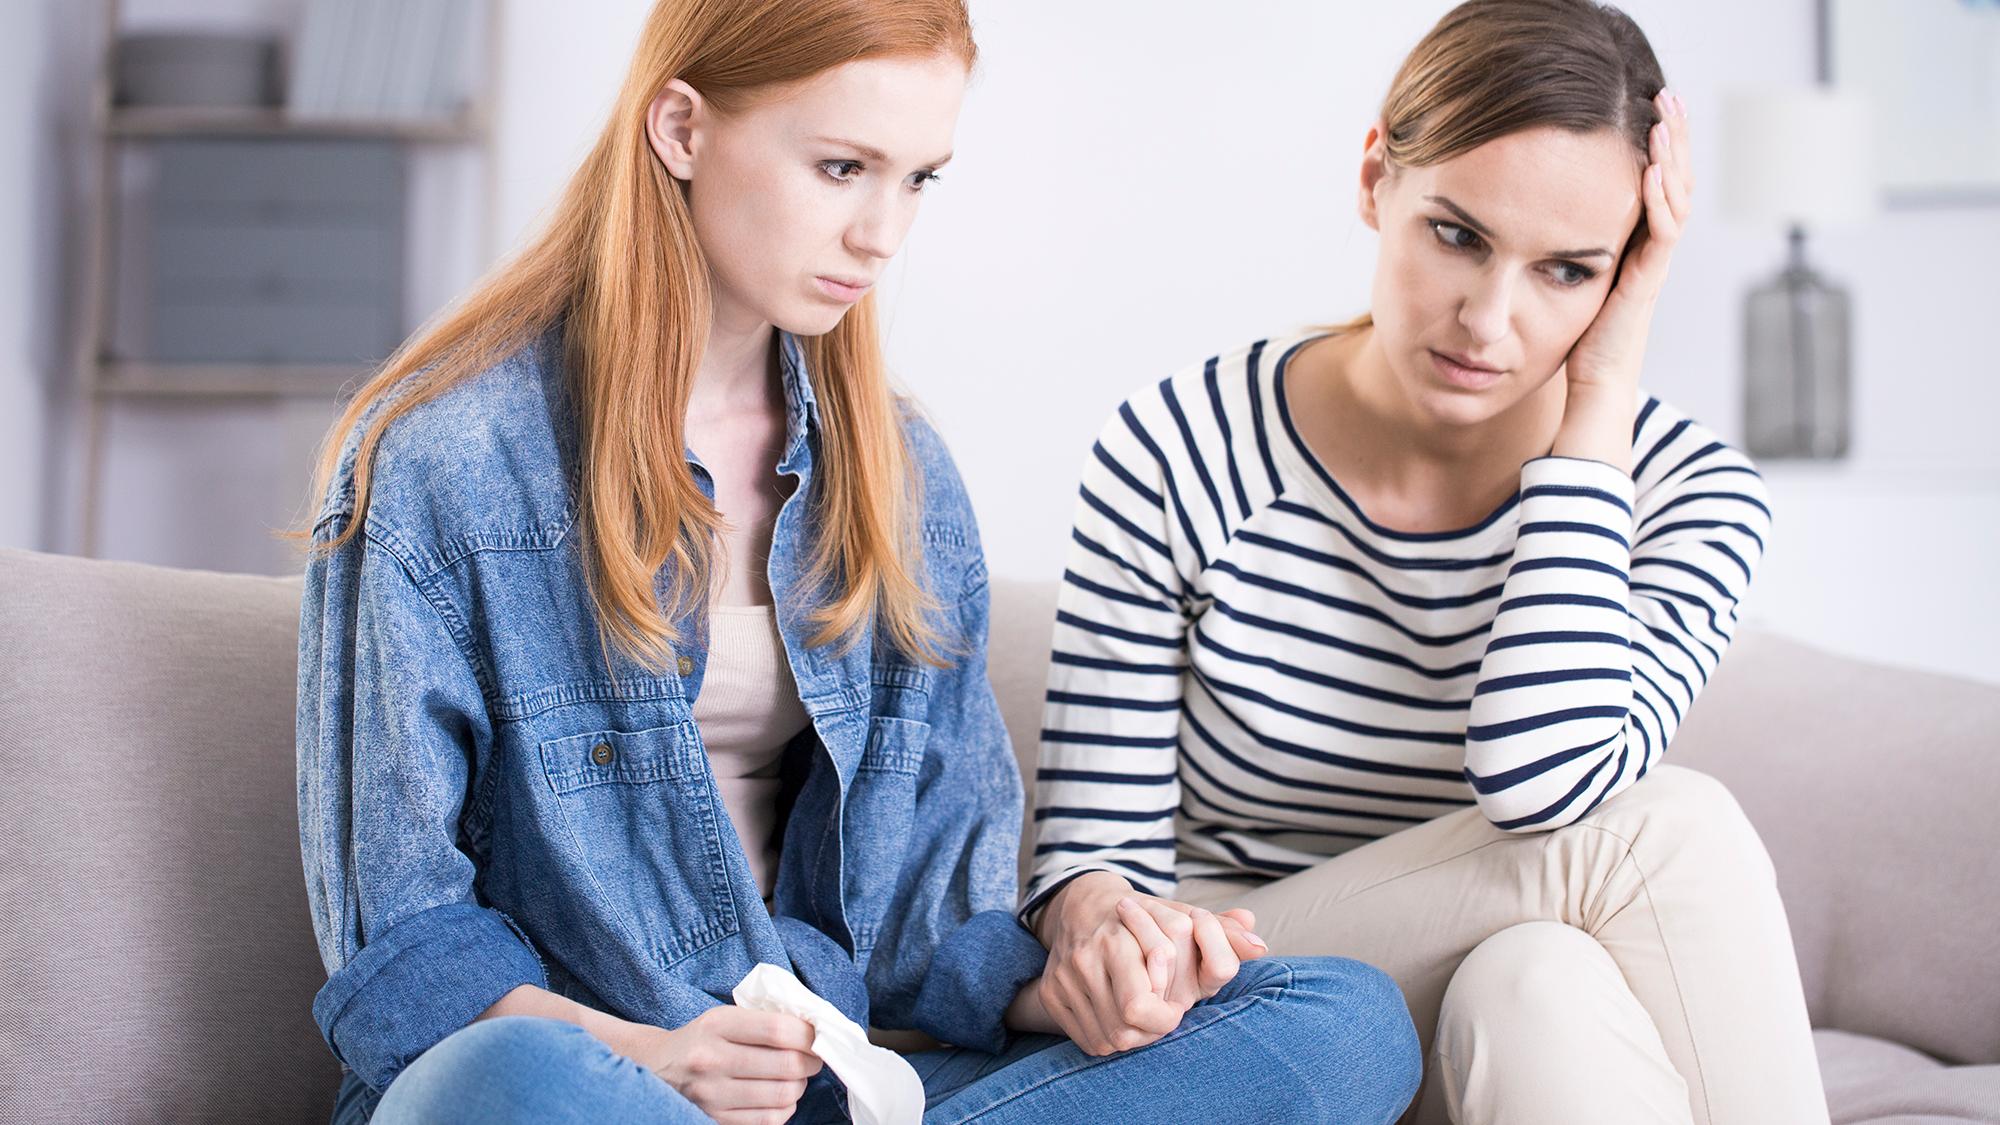 Schwanger Wie Sage Ich Es Meinen Eltern 147 Rat Auf Draht